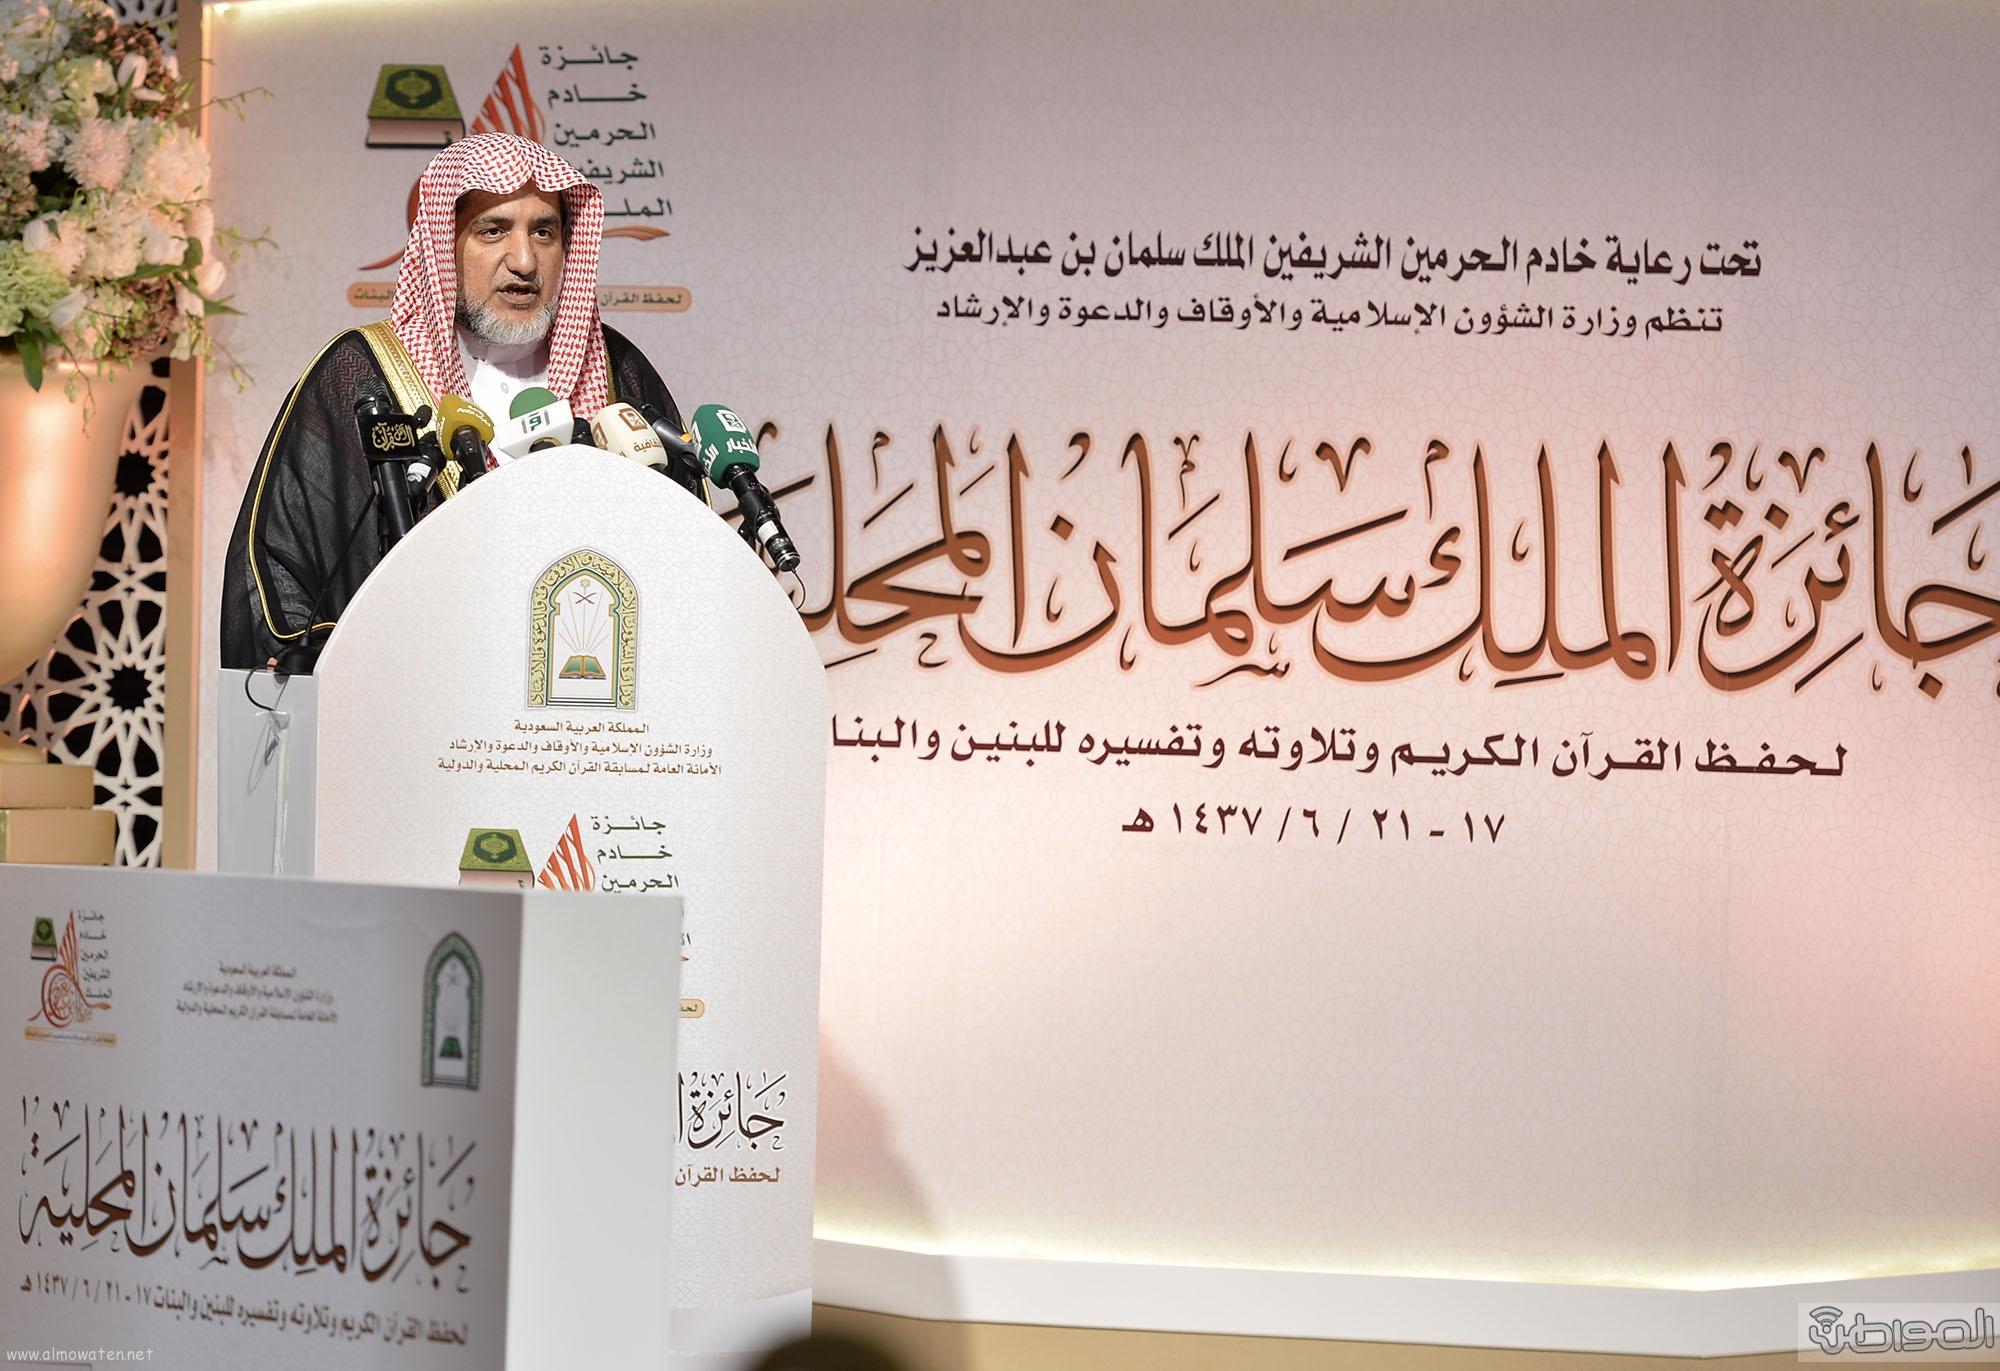 امير منطقة الرياض يرعى حفل اختتام مسابقة جائزة الملك سلمان لحفظ القران الكريم (18)